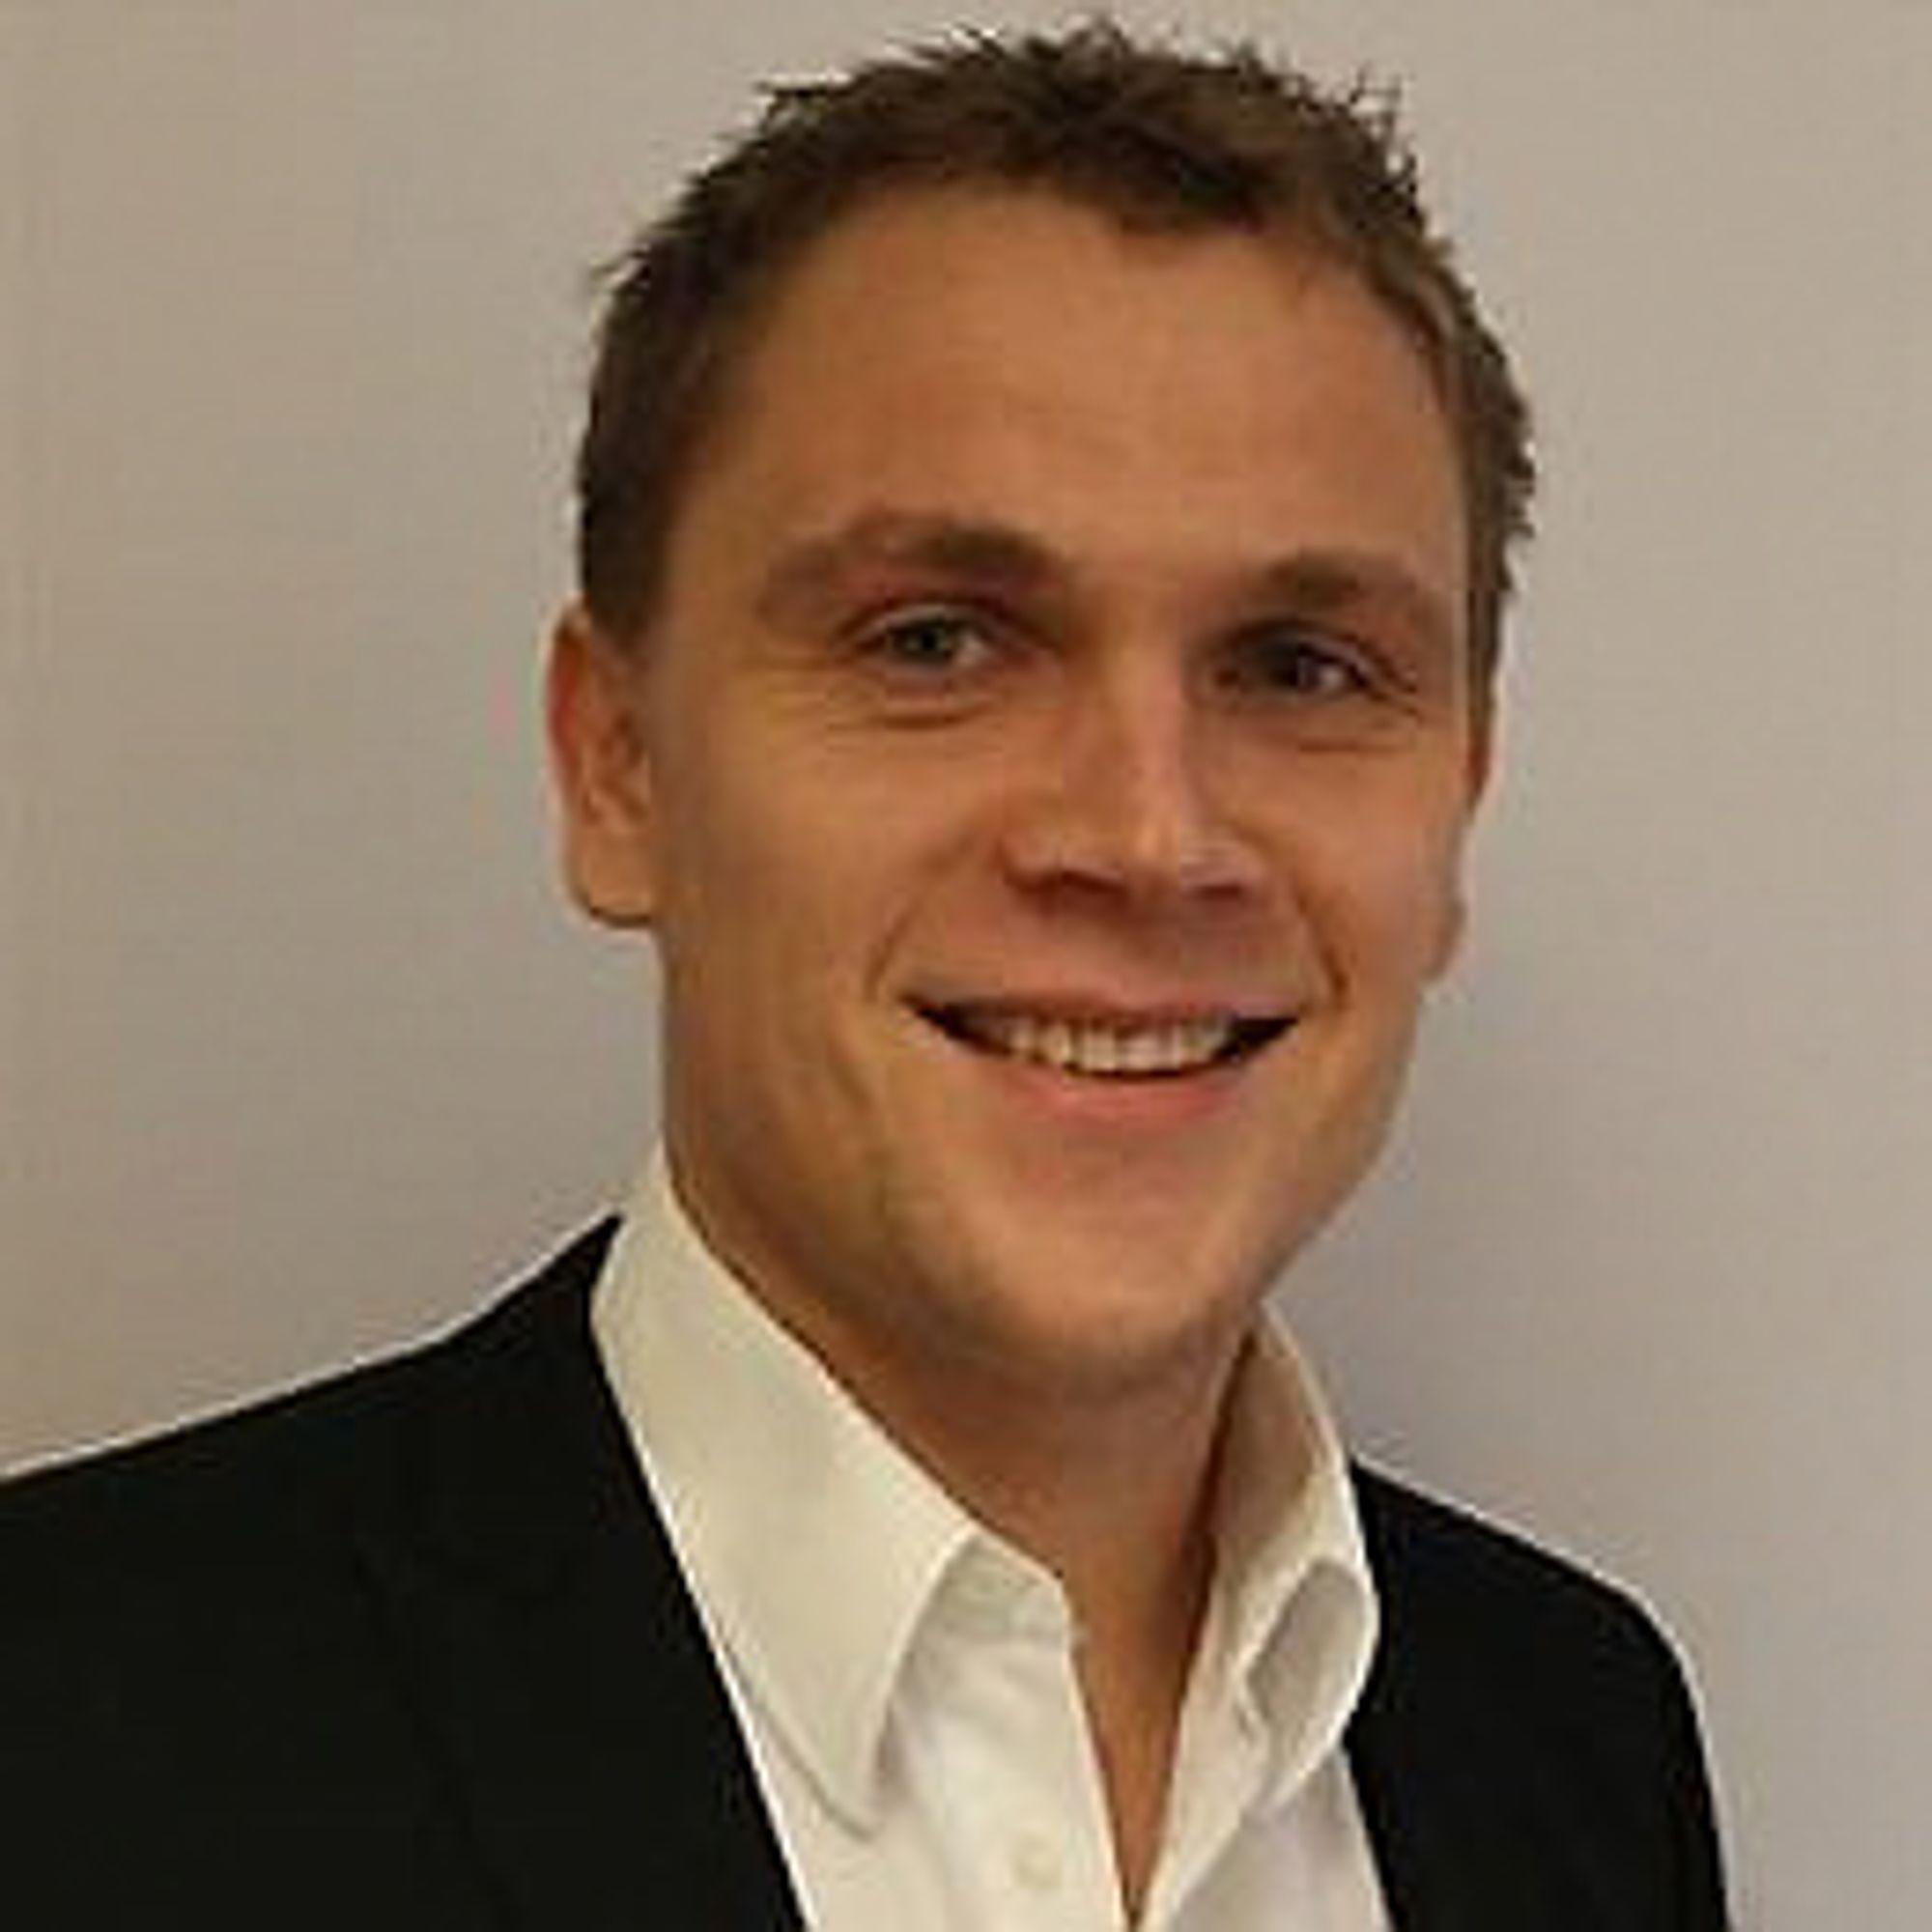 Nils Ravnaas